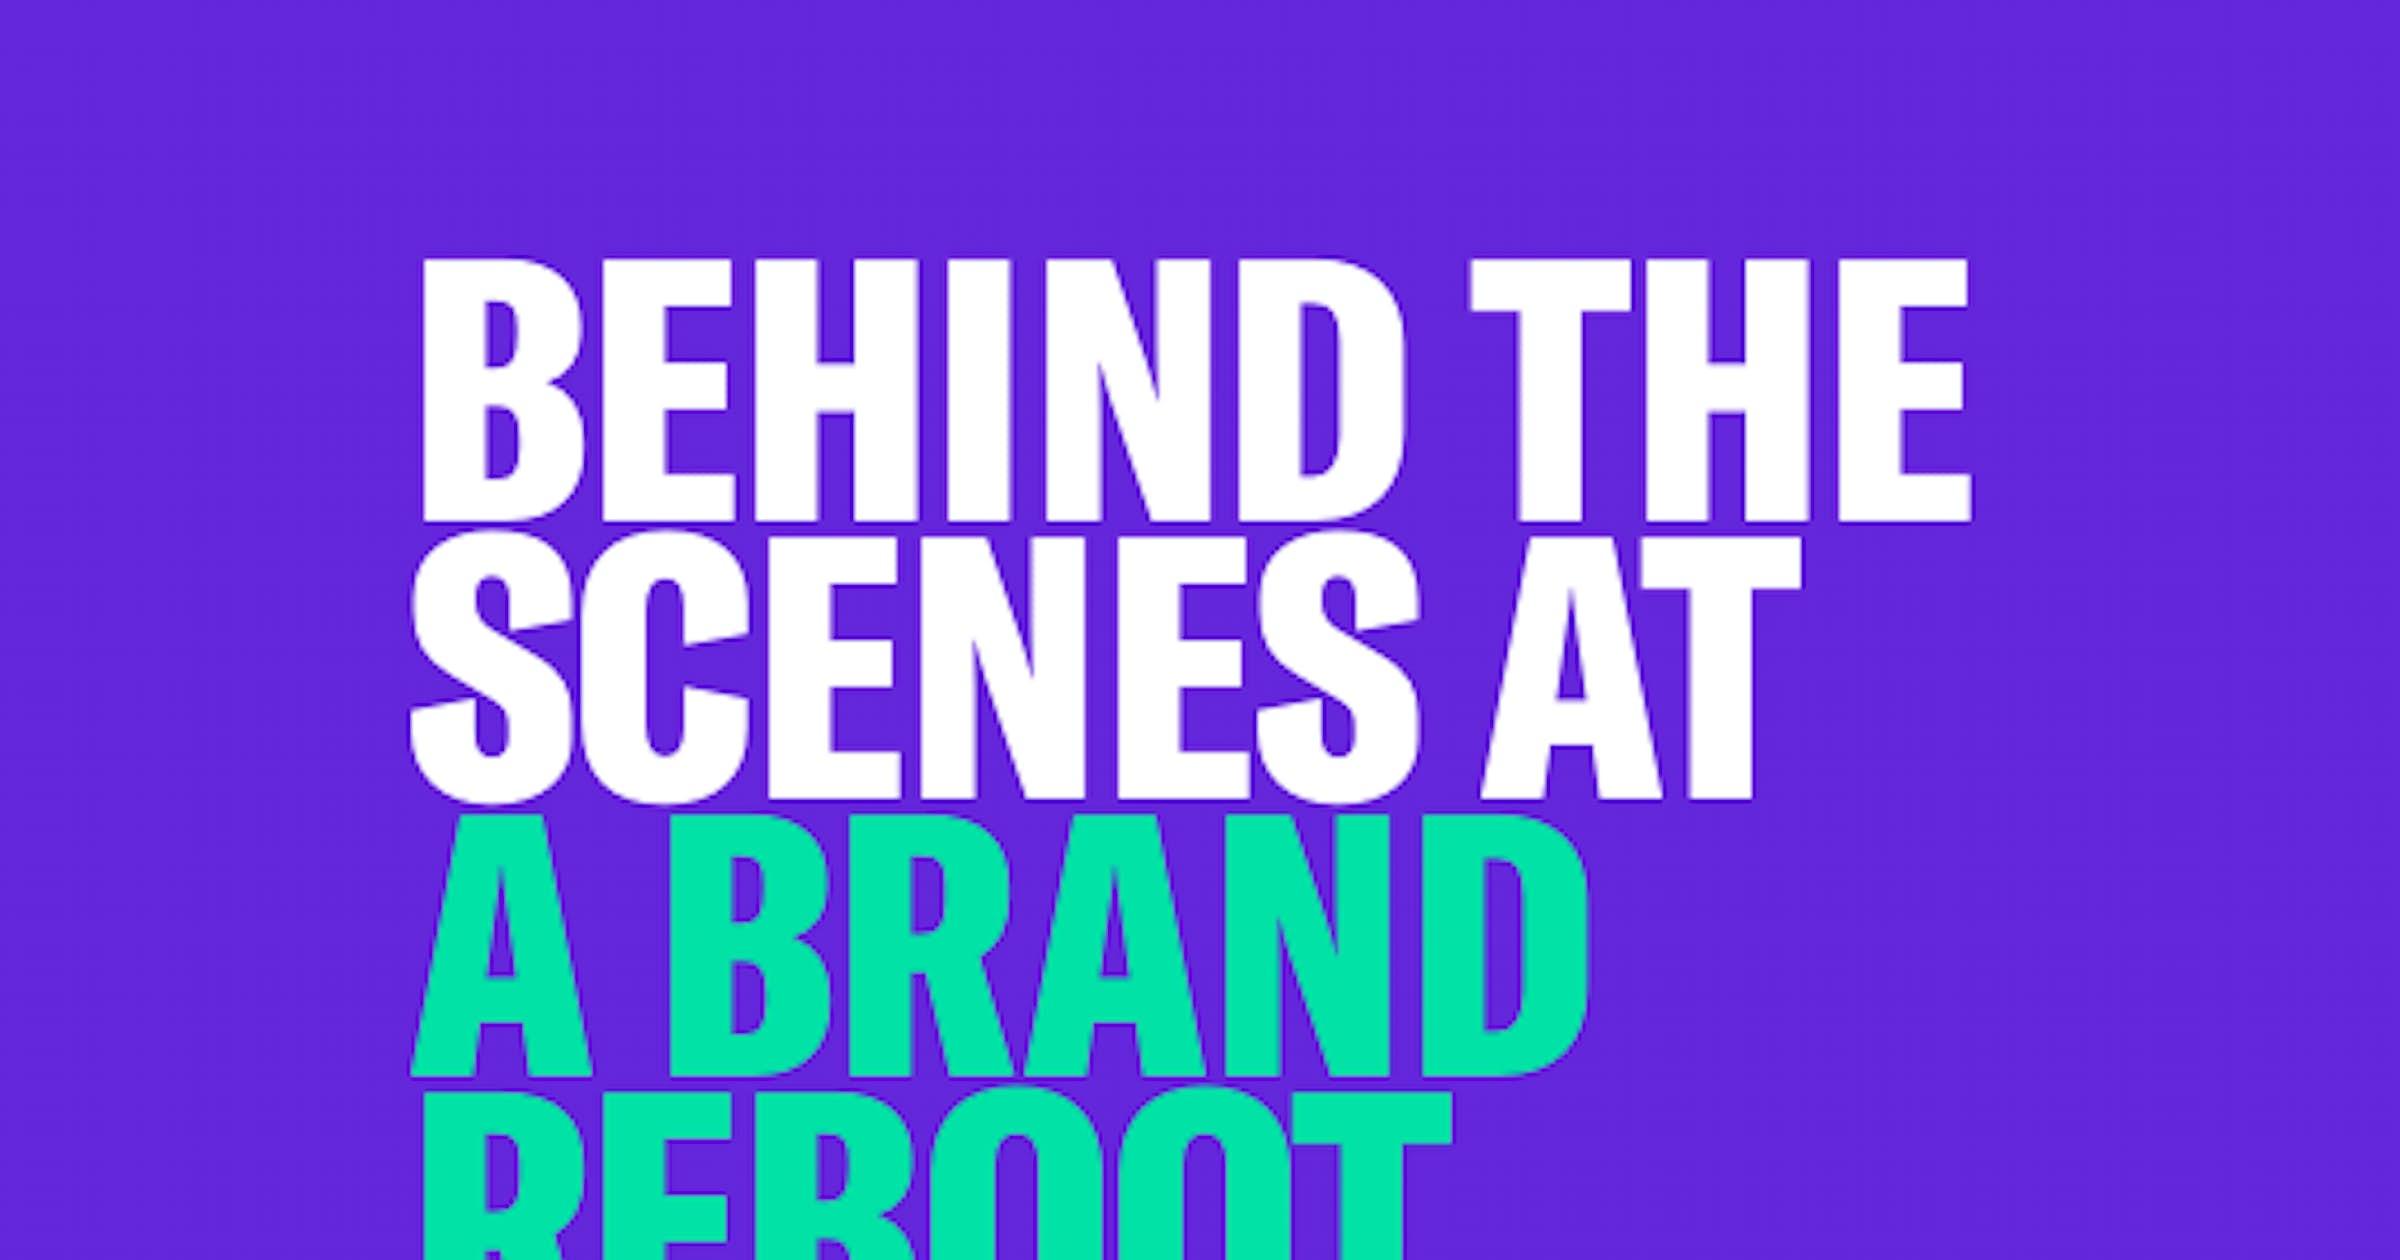 behind bdsm video making Free scenes